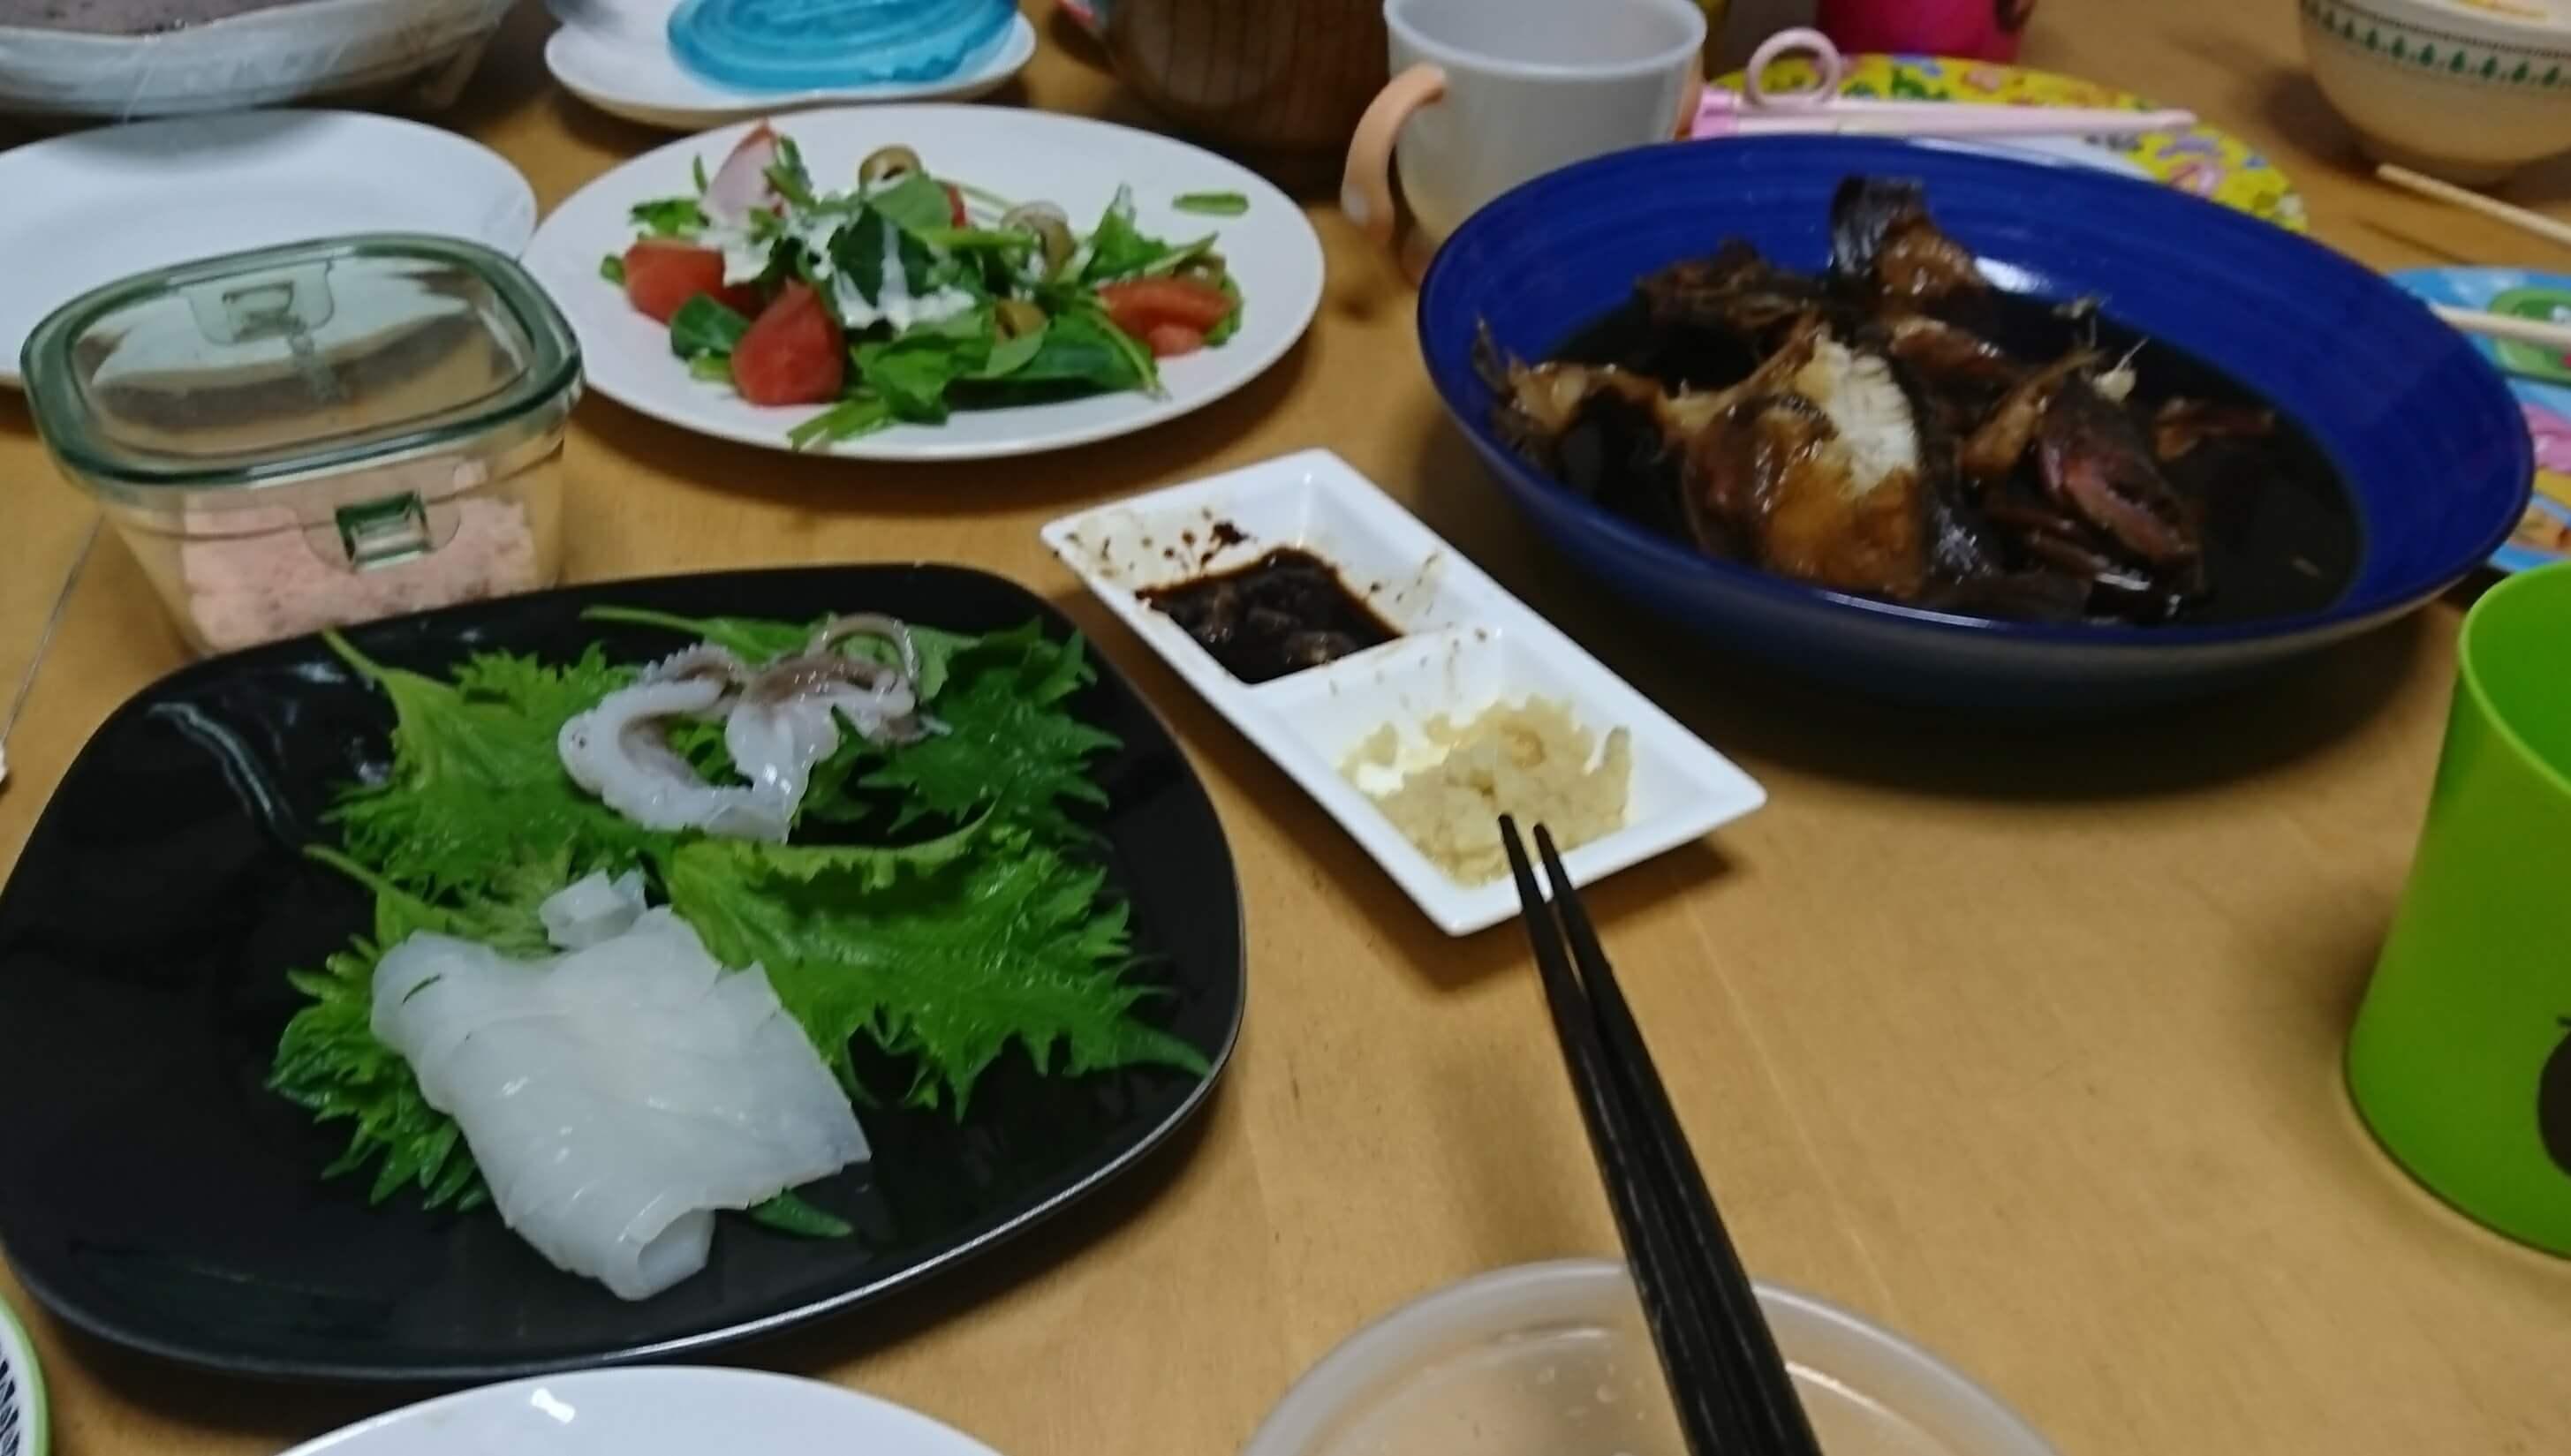 ヤリイカお刺身&カサゴ煮付け